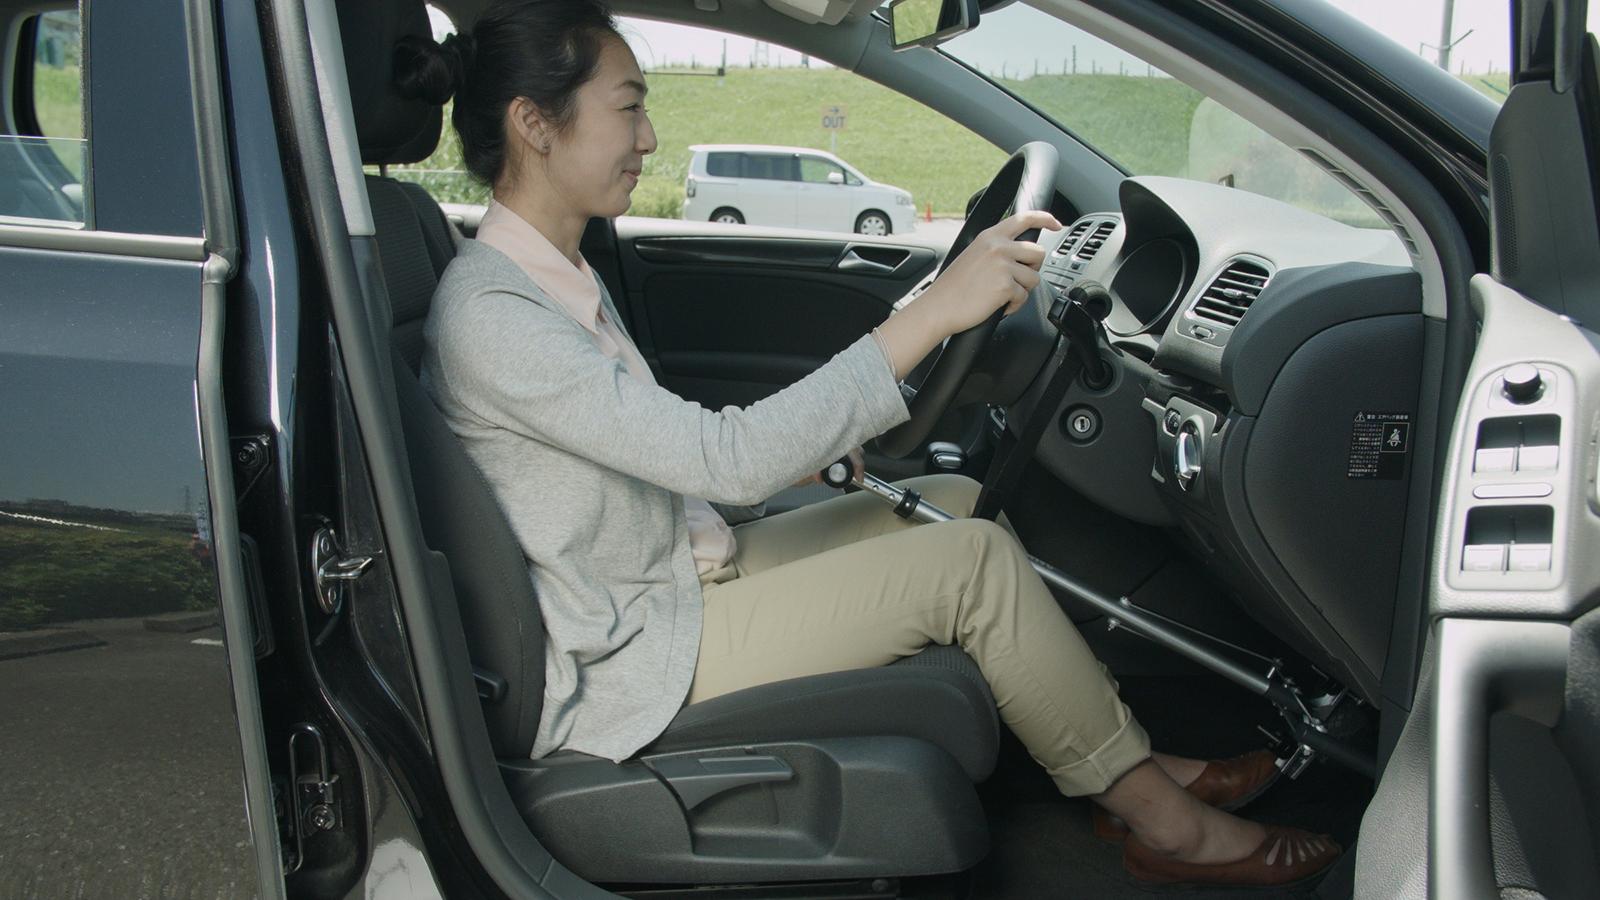 障害者運転支援装置 ハンドコントロール HANDCONTROL ニコ・ドライブ  春日井 小牧 尾張 愛知 edge